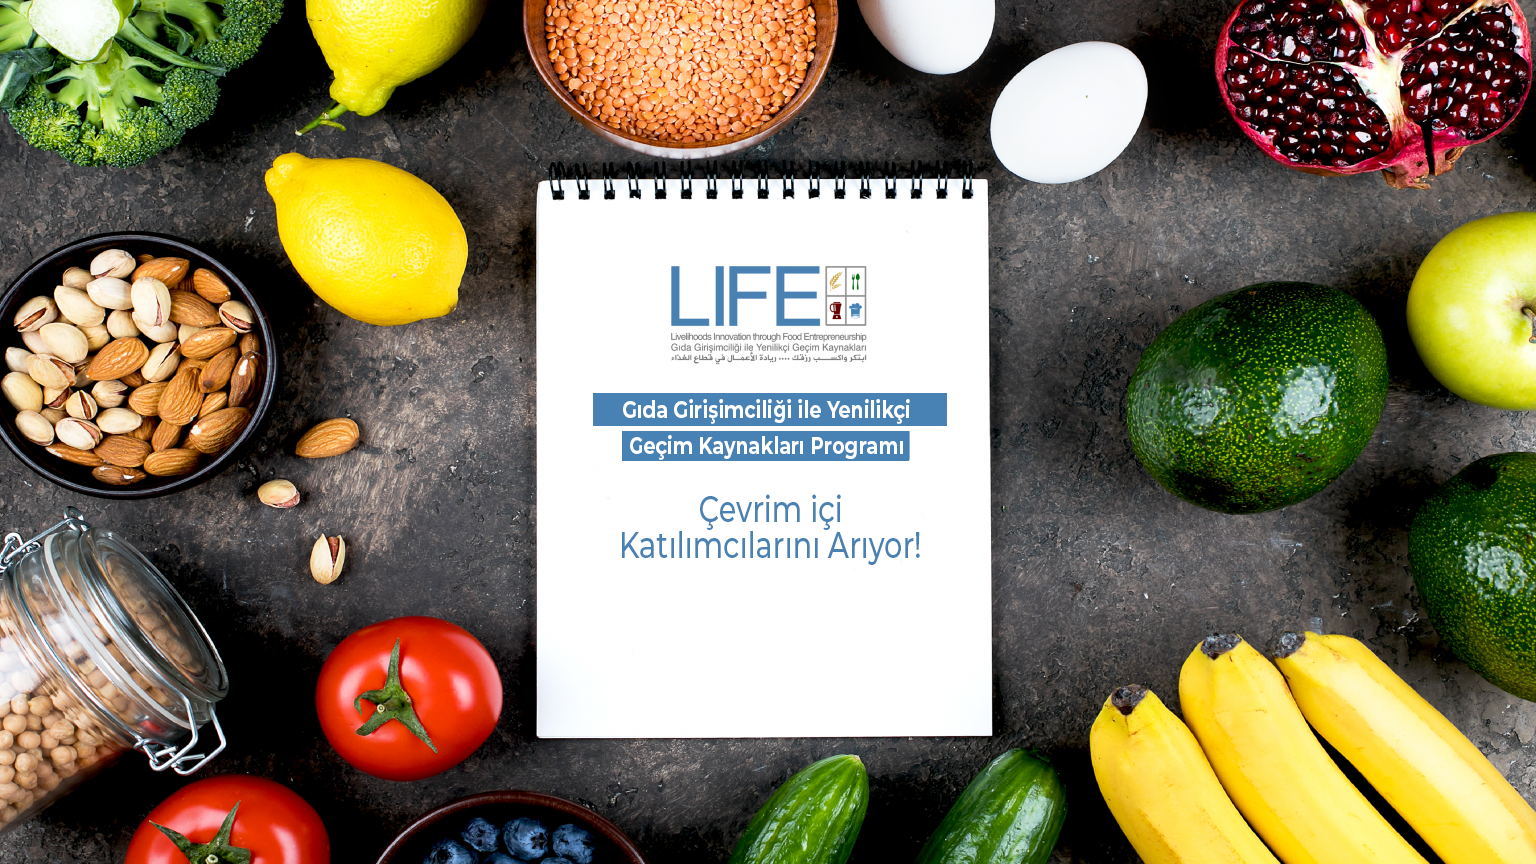 LIFE Programı (Gıda Girişimciliği ile Yenilikçi Geçim Kaynakları) Çevrim içi Katılımcılarını Arıyor!